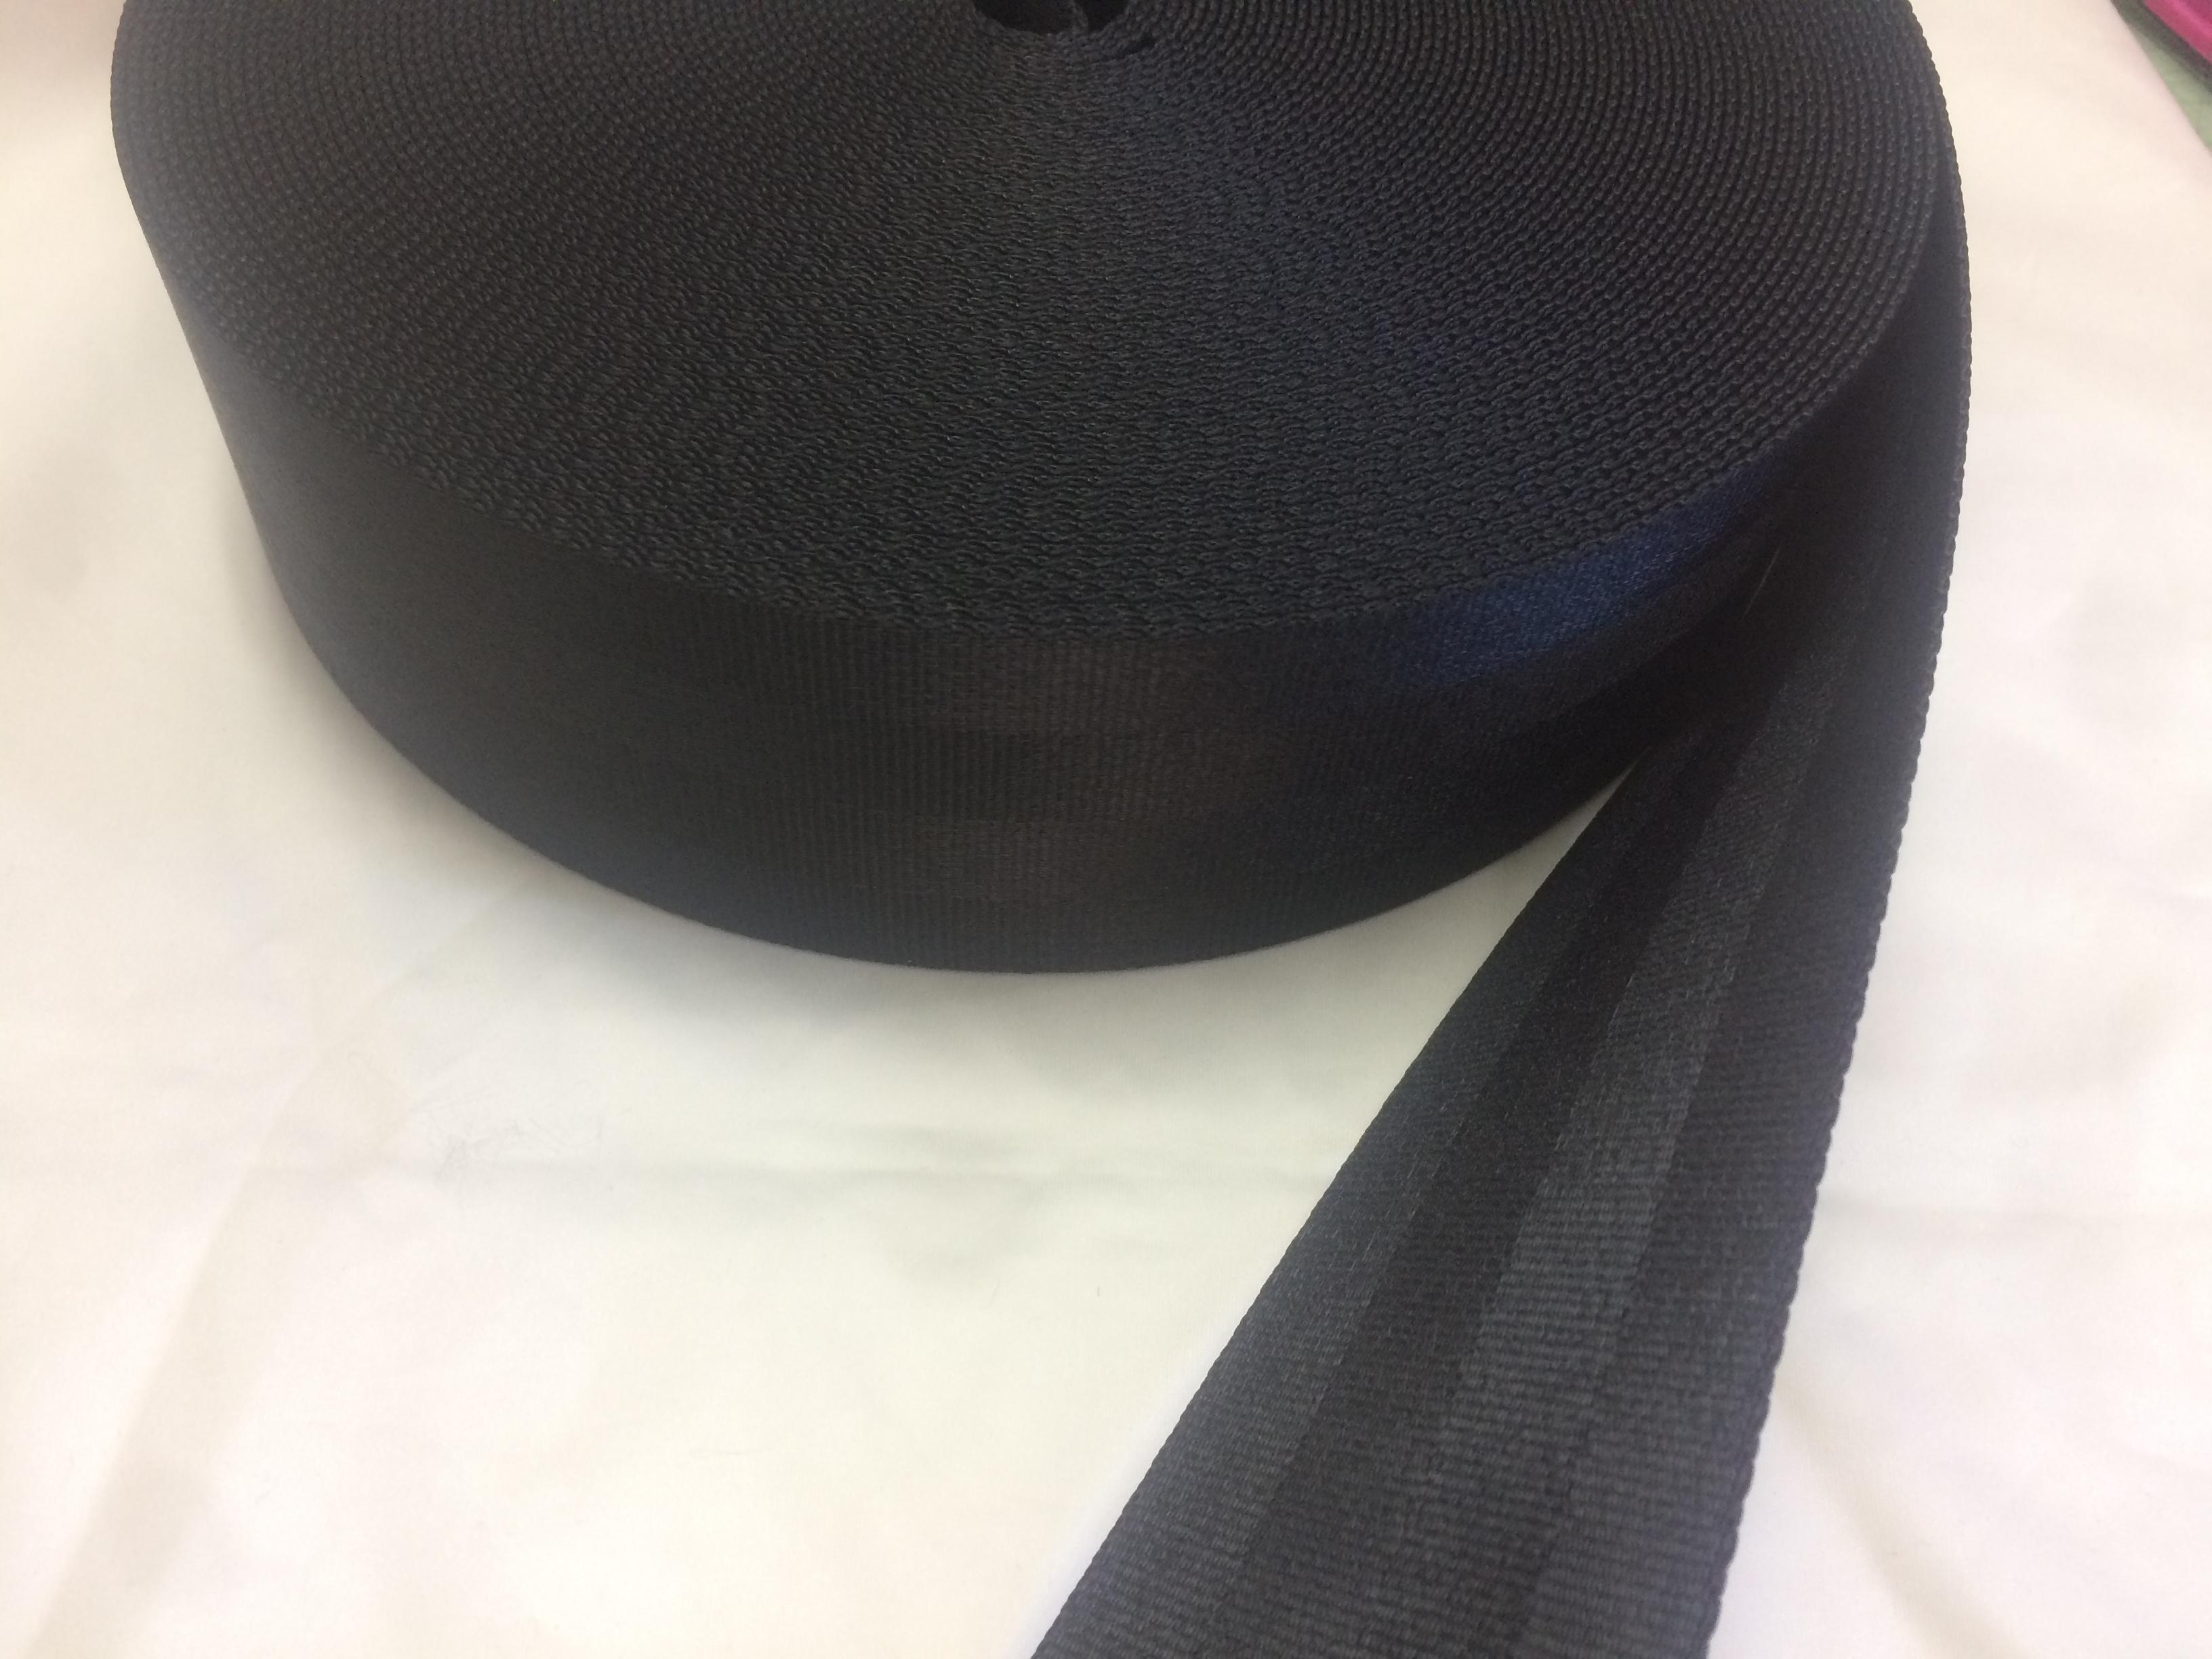 ナイロン ベルト 二ツ山織 50㎜幅 1.6㎜厚 黒 1m